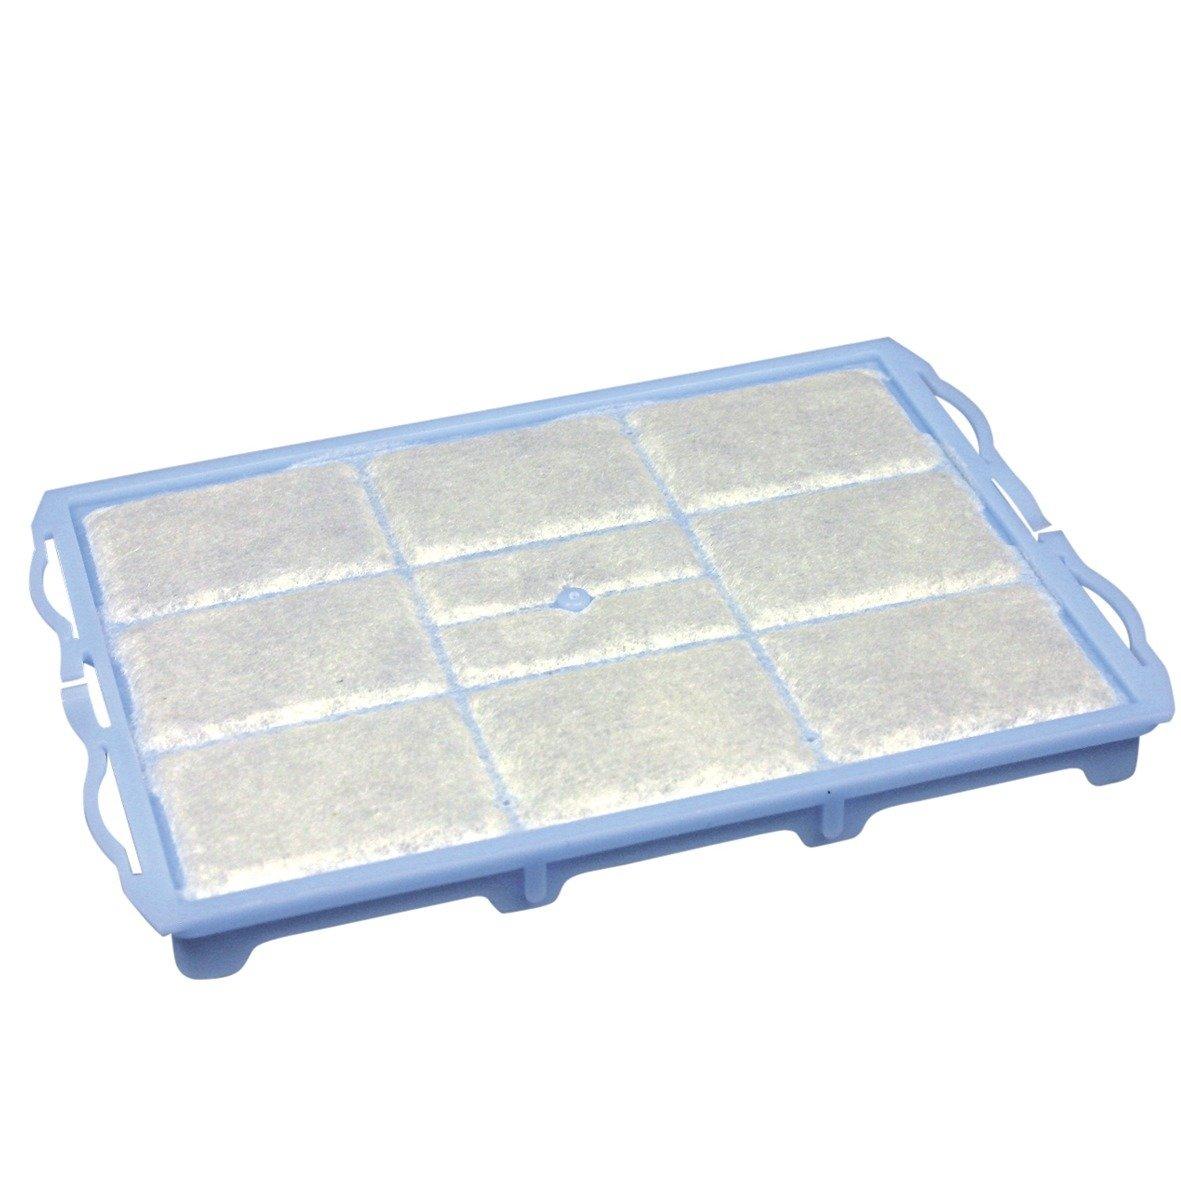 Motorschutzfilter BOSCH 00578863 VZ01MSF Microsan für Bodenstaubsauger